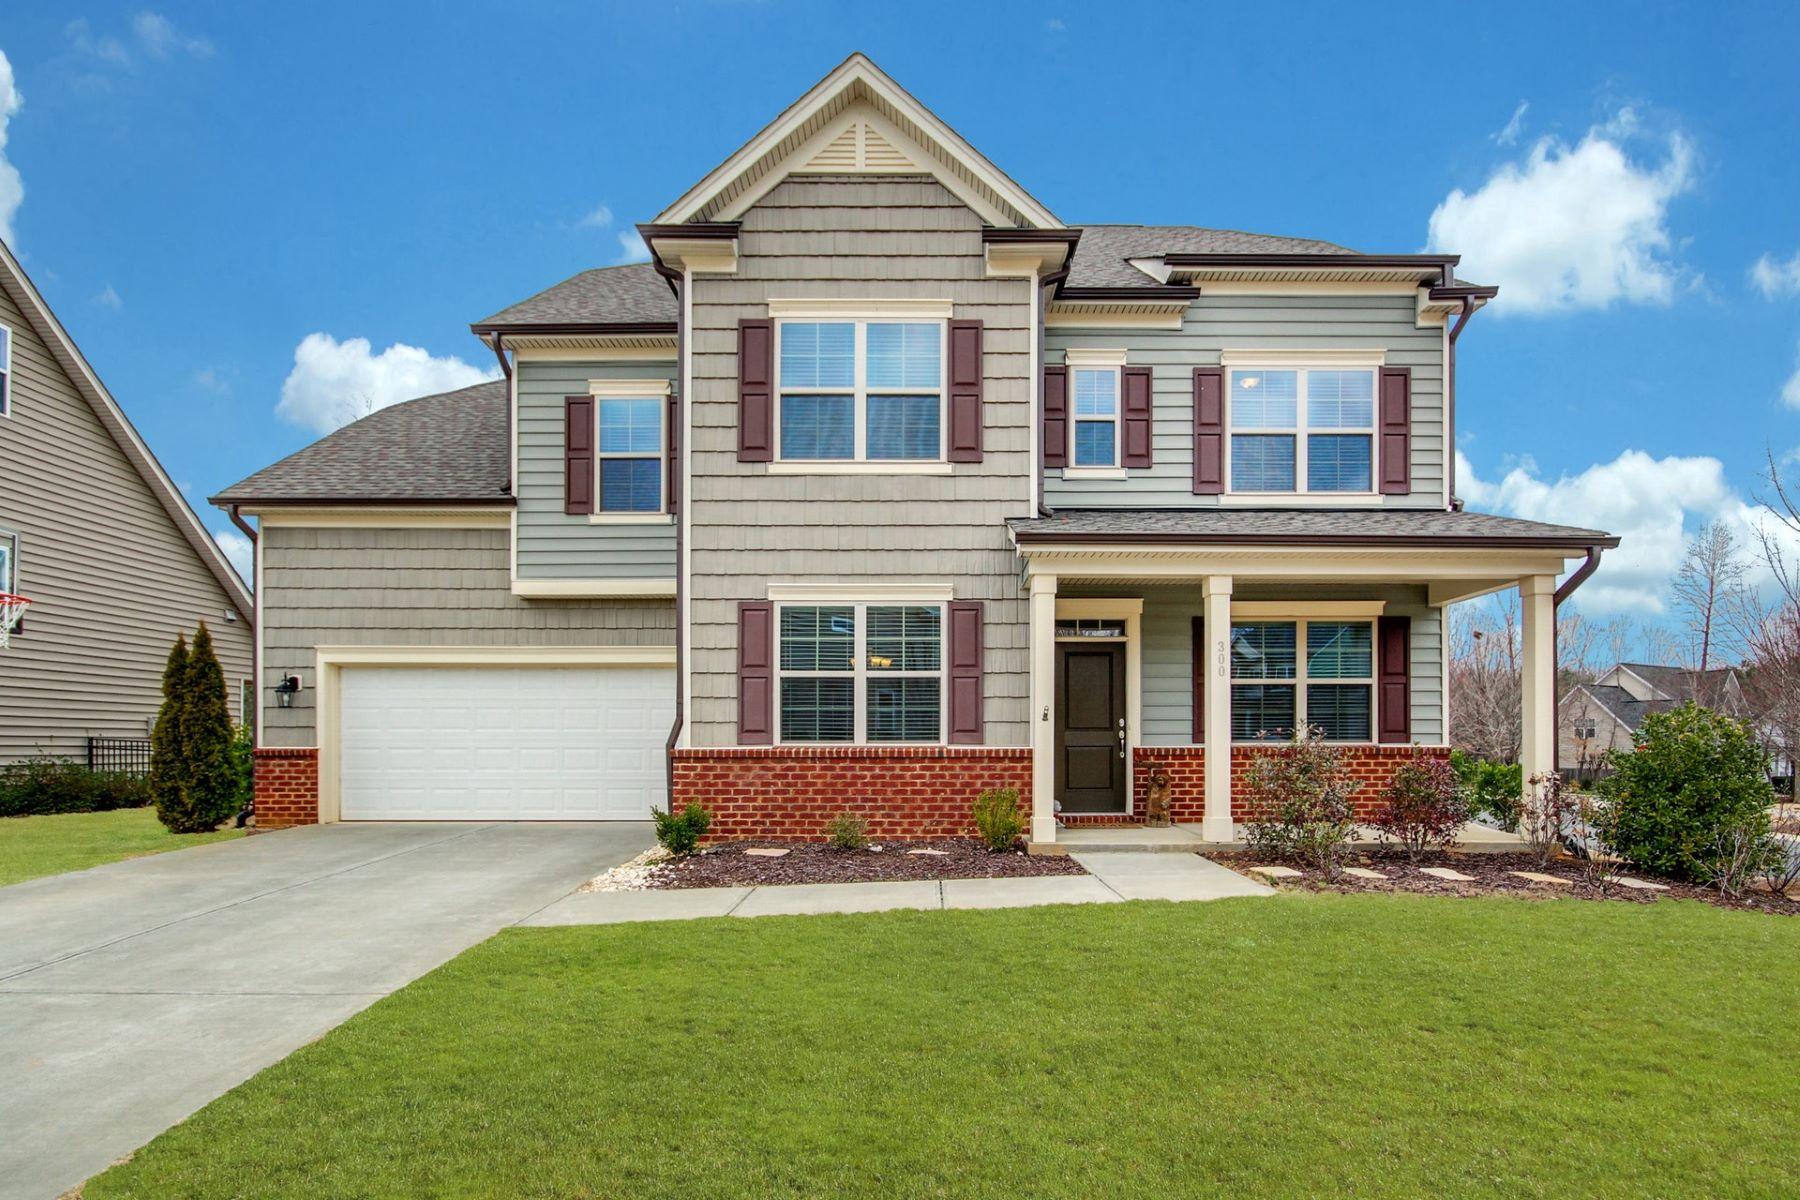 Single Family Homes for Active at 300 Botan Way Hillsborough, North Carolina 27278 United States